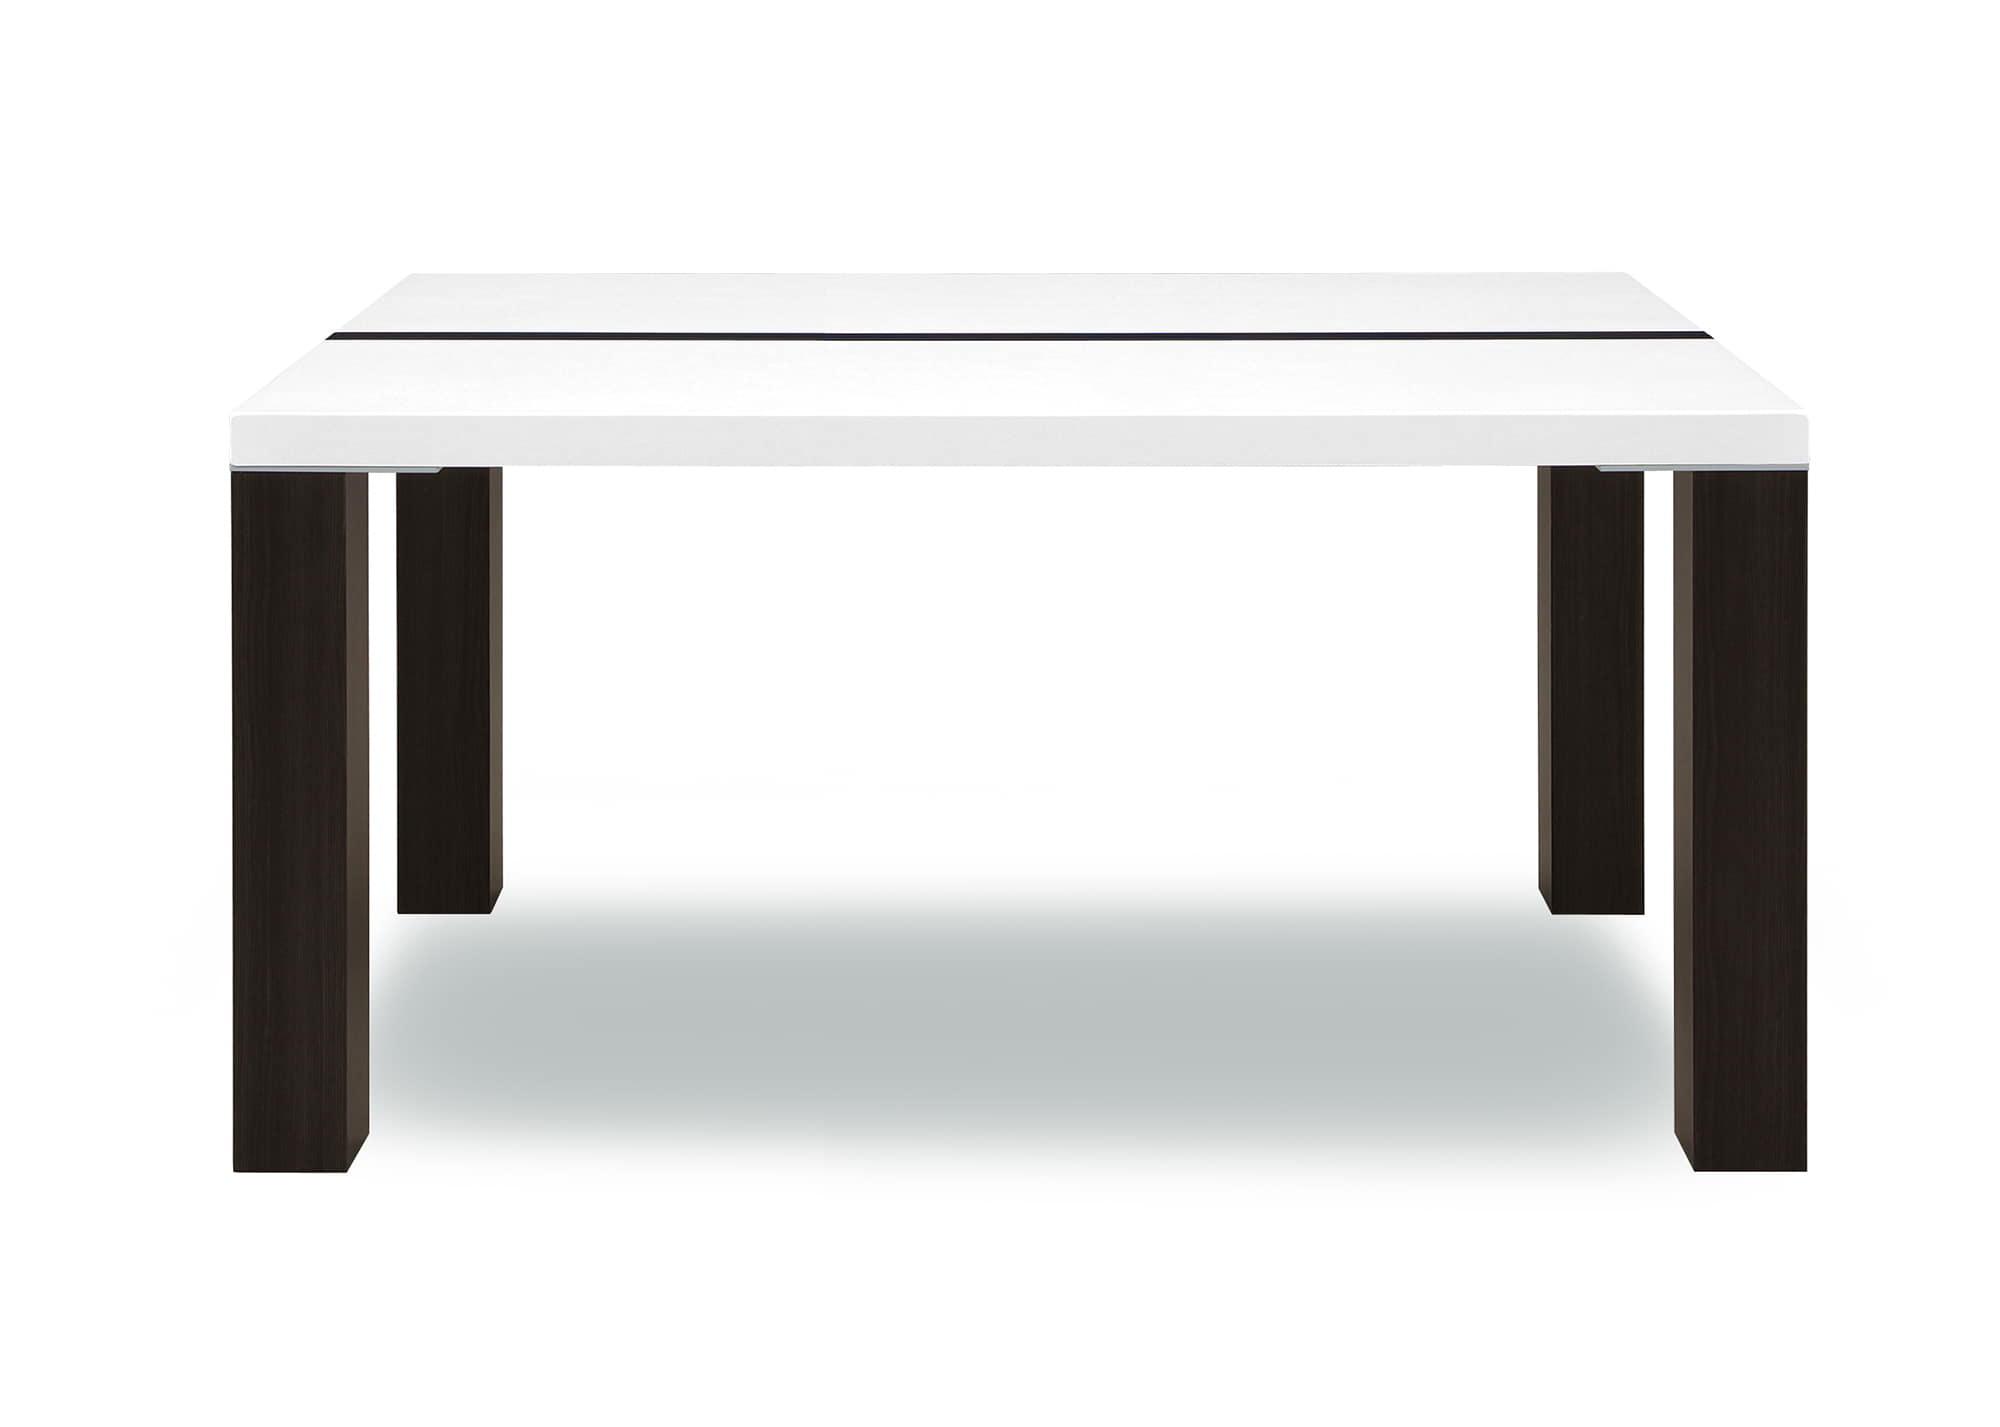 ダイニングテーブル ネバン135:◆白と黒の2 トーンカラーがアクセントのダイニングテーブル